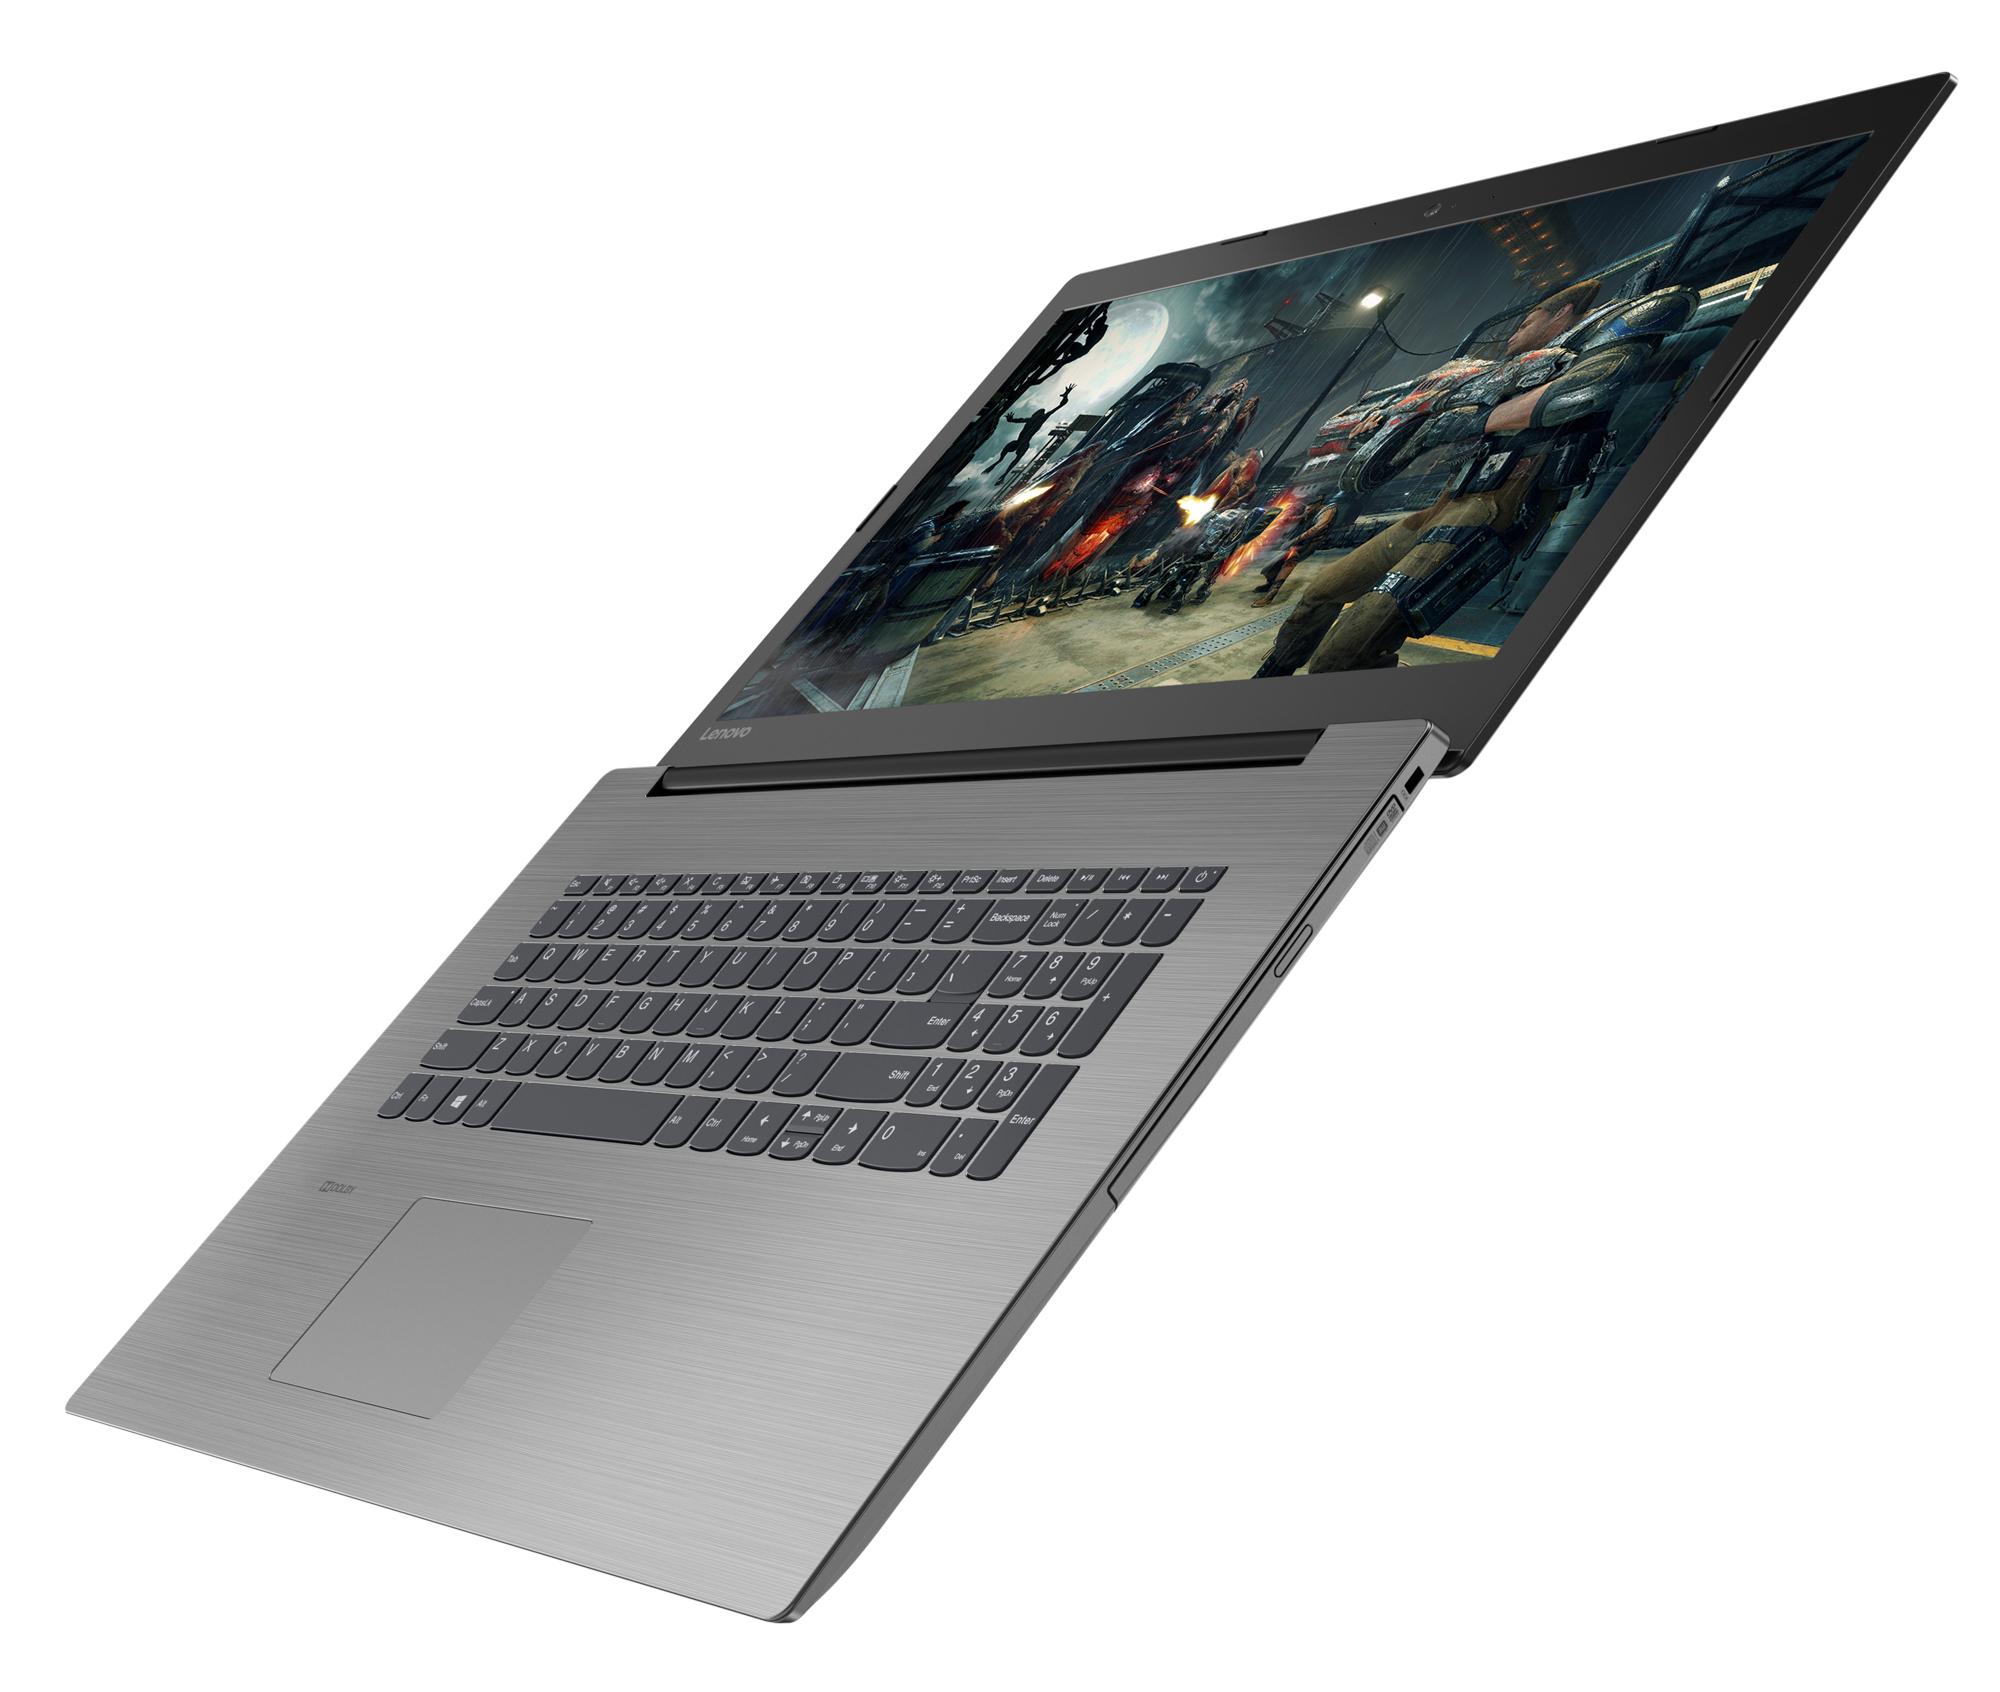 Фото  Ноутбук Lenovo ideapad 330-17IKBR Onyx Black (81DM007KRA)